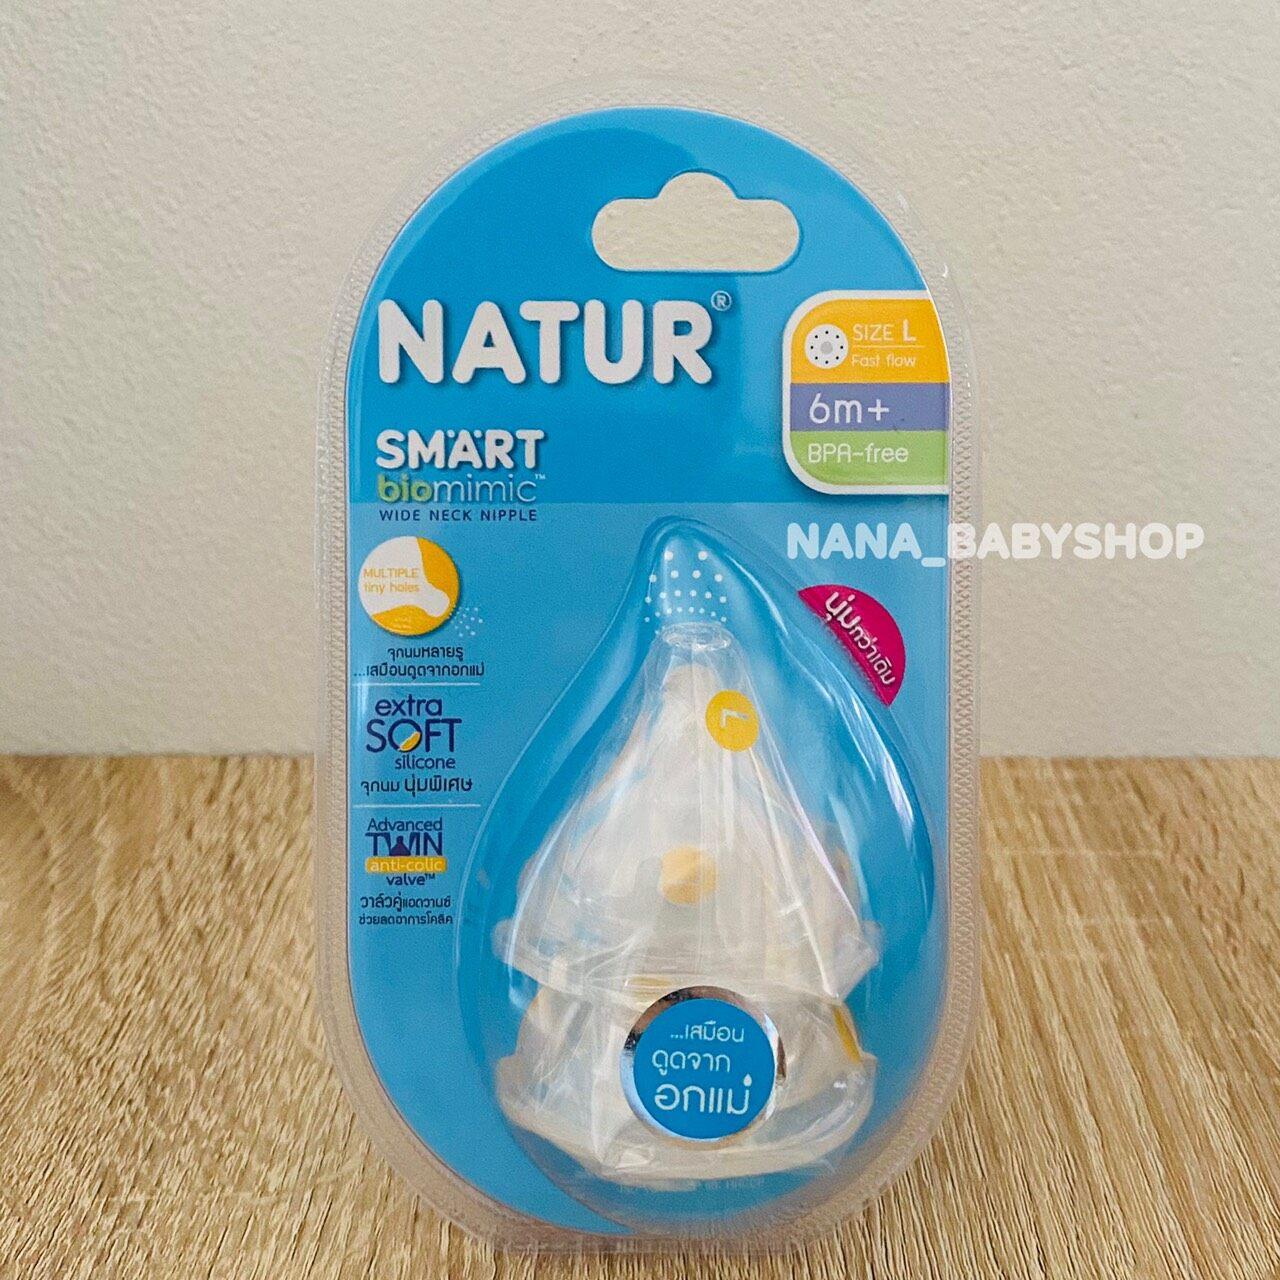 Natur จุกนมสมาร์ท ไบโอมิมิค สำหรับขวดคอกว้าง (1 แพ็คมี 2 จุก)